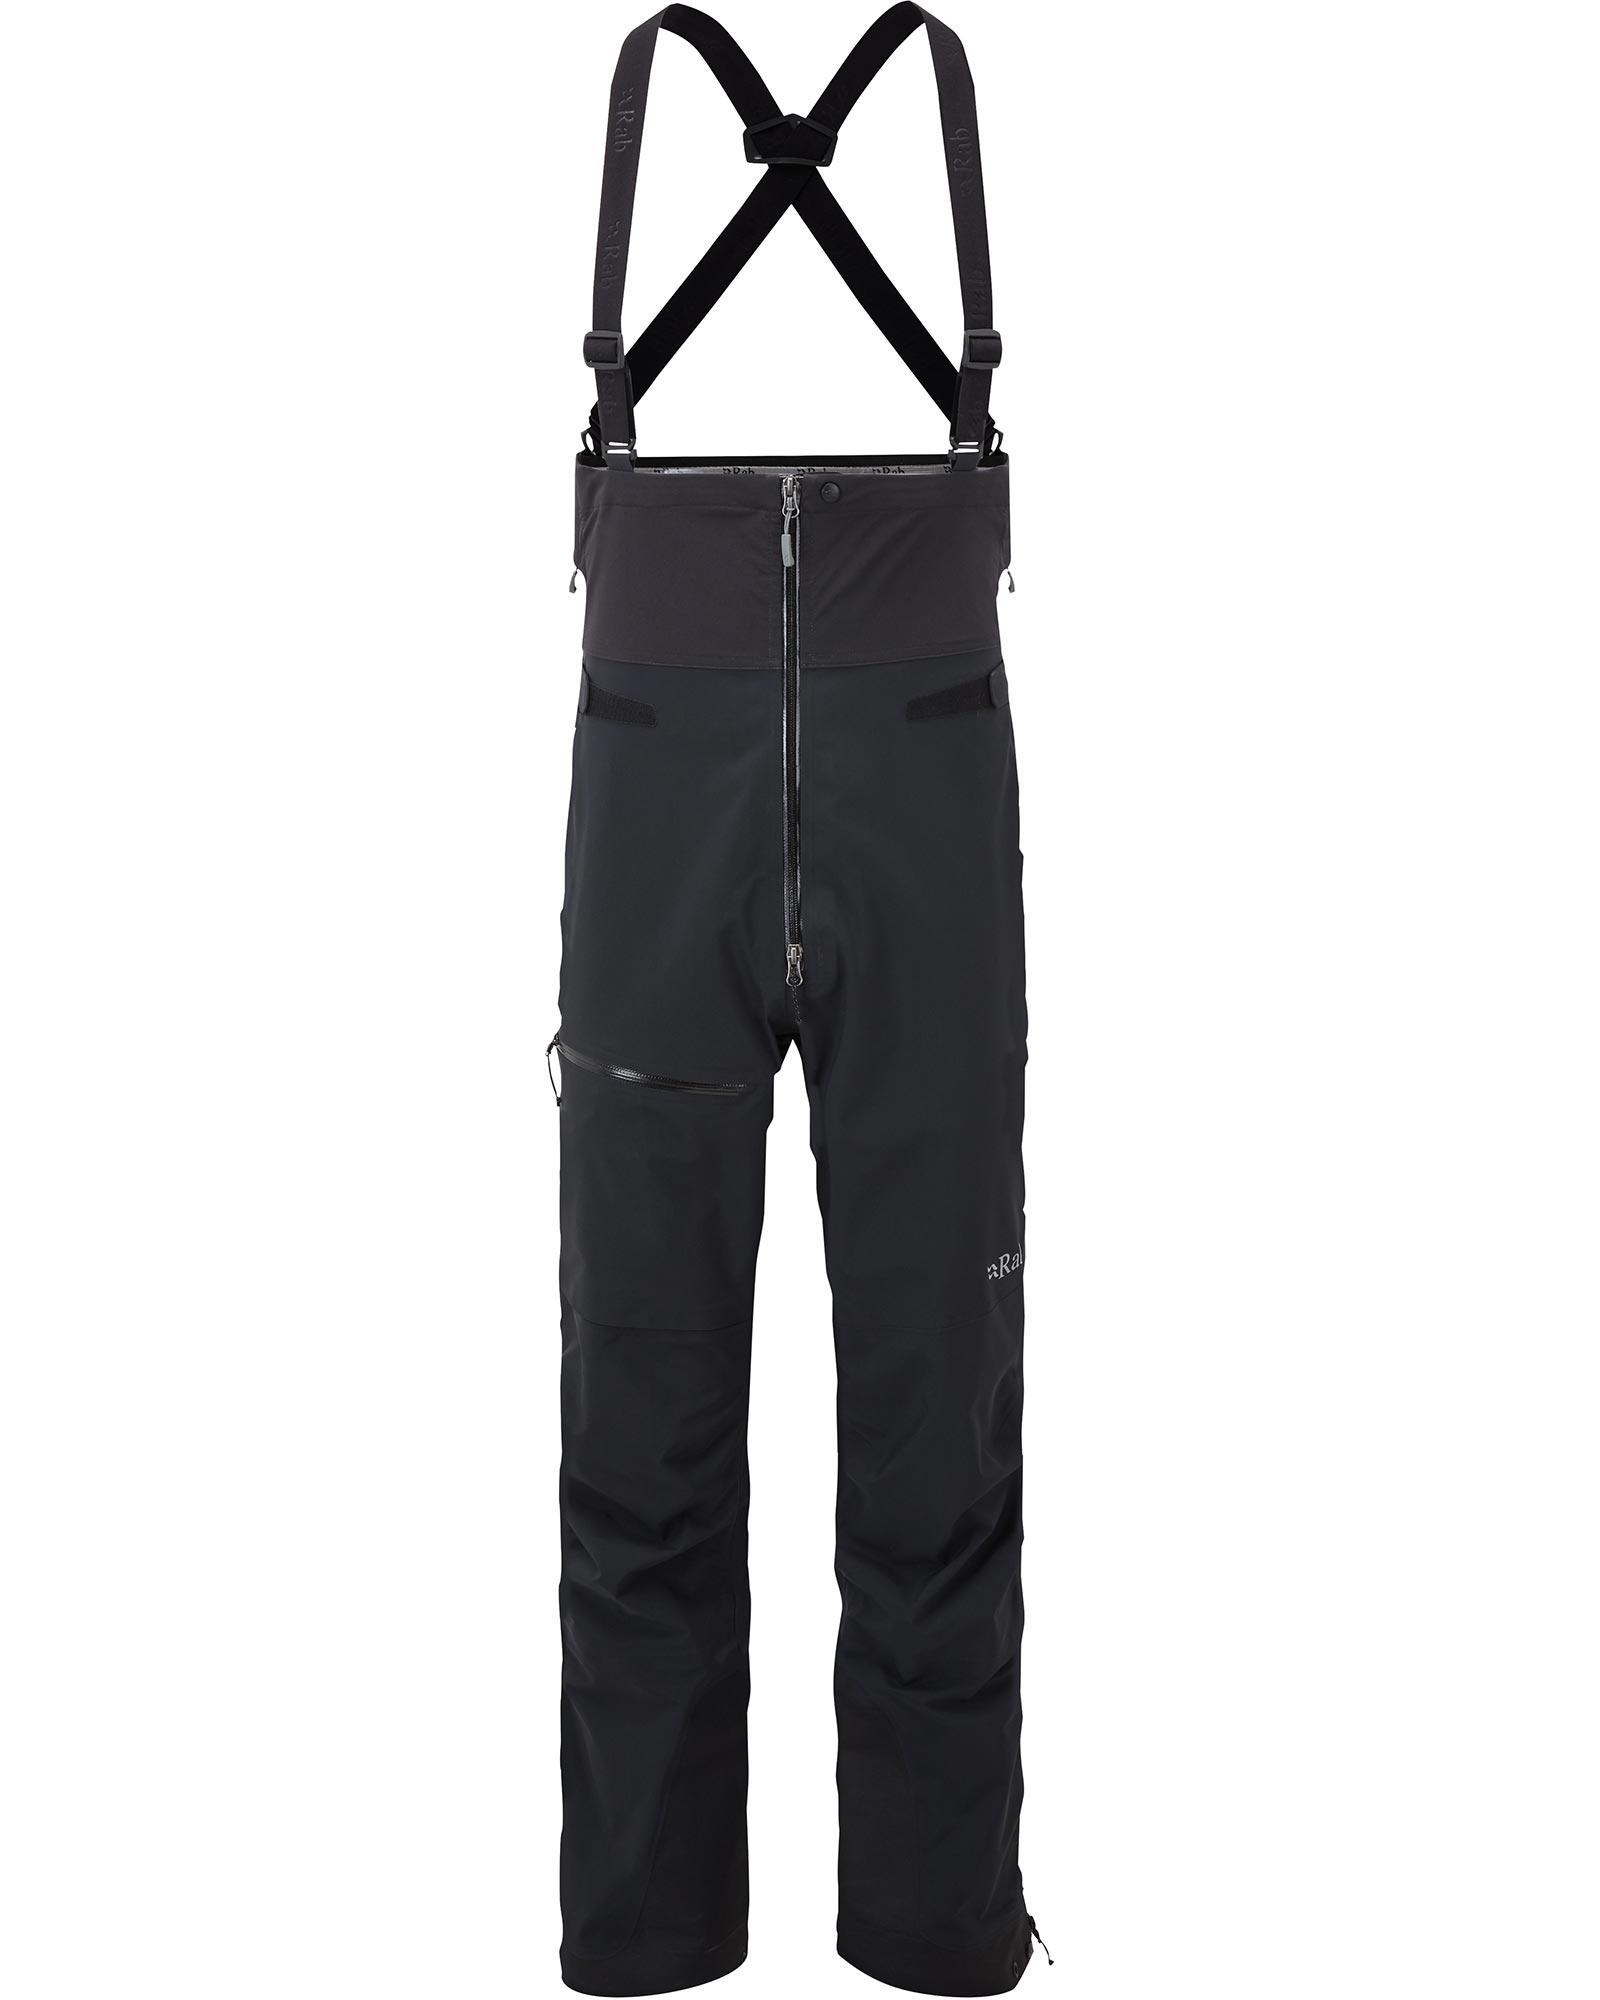 Rab Men's Latok GORE-TEX Bib Pants 0